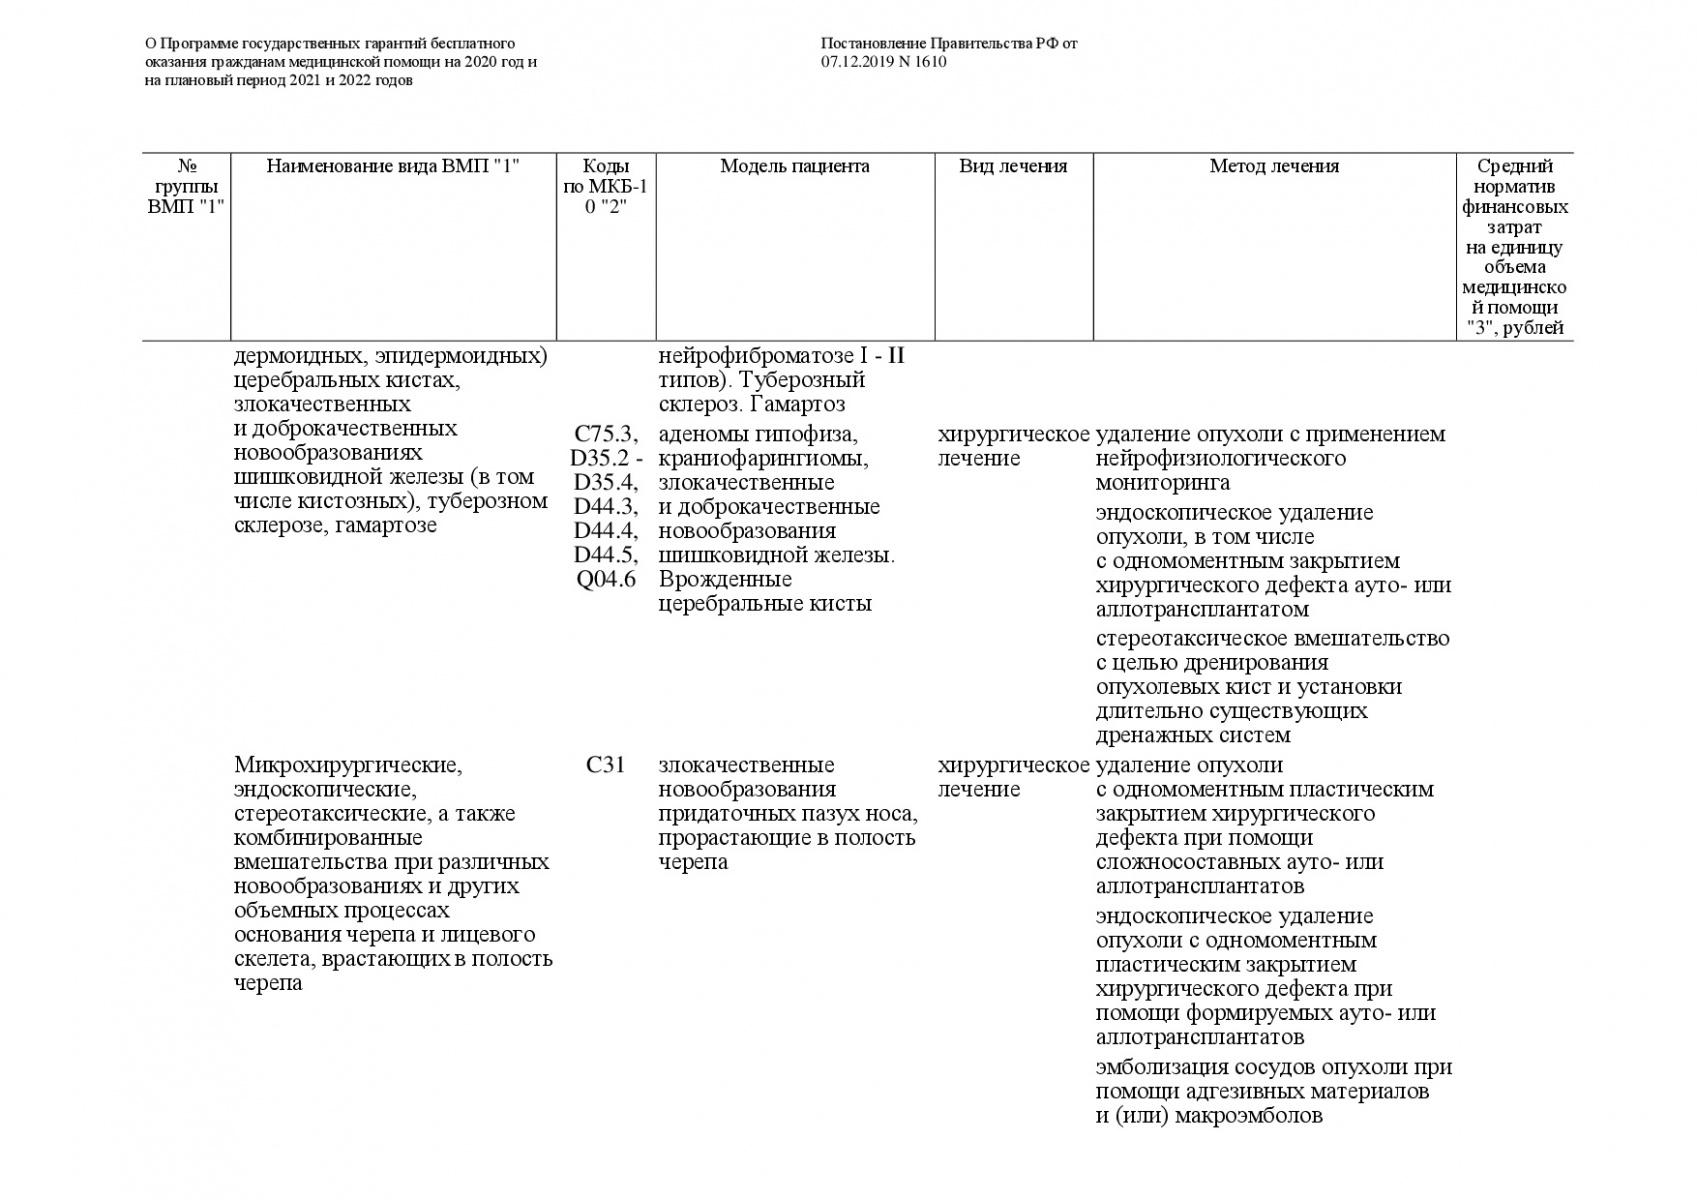 Postanovlenie-Pravitelstva-RF-ot-07_12_2019-1610-O-PGG-154